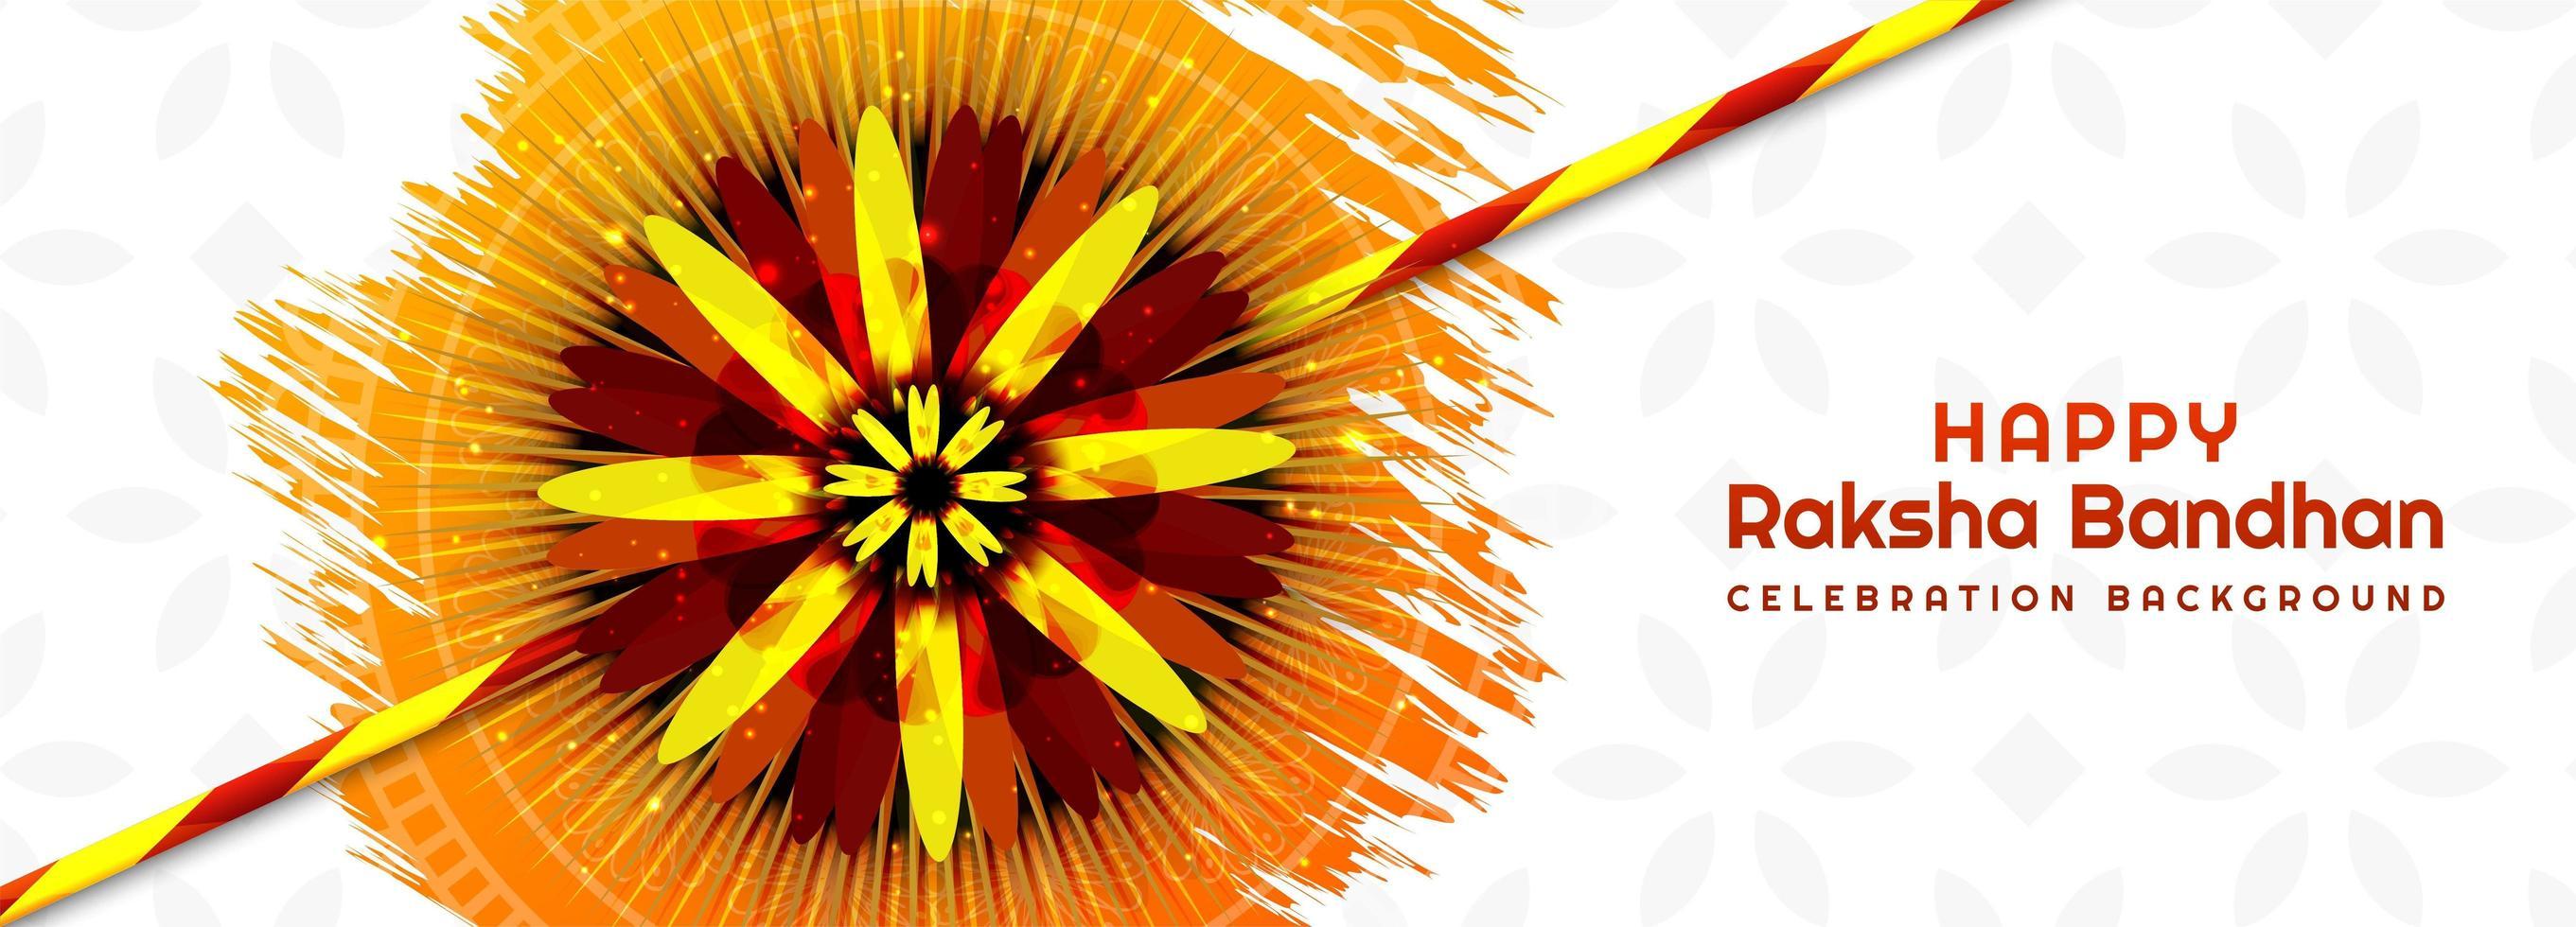 festival indù raksha bandhan banner vettore